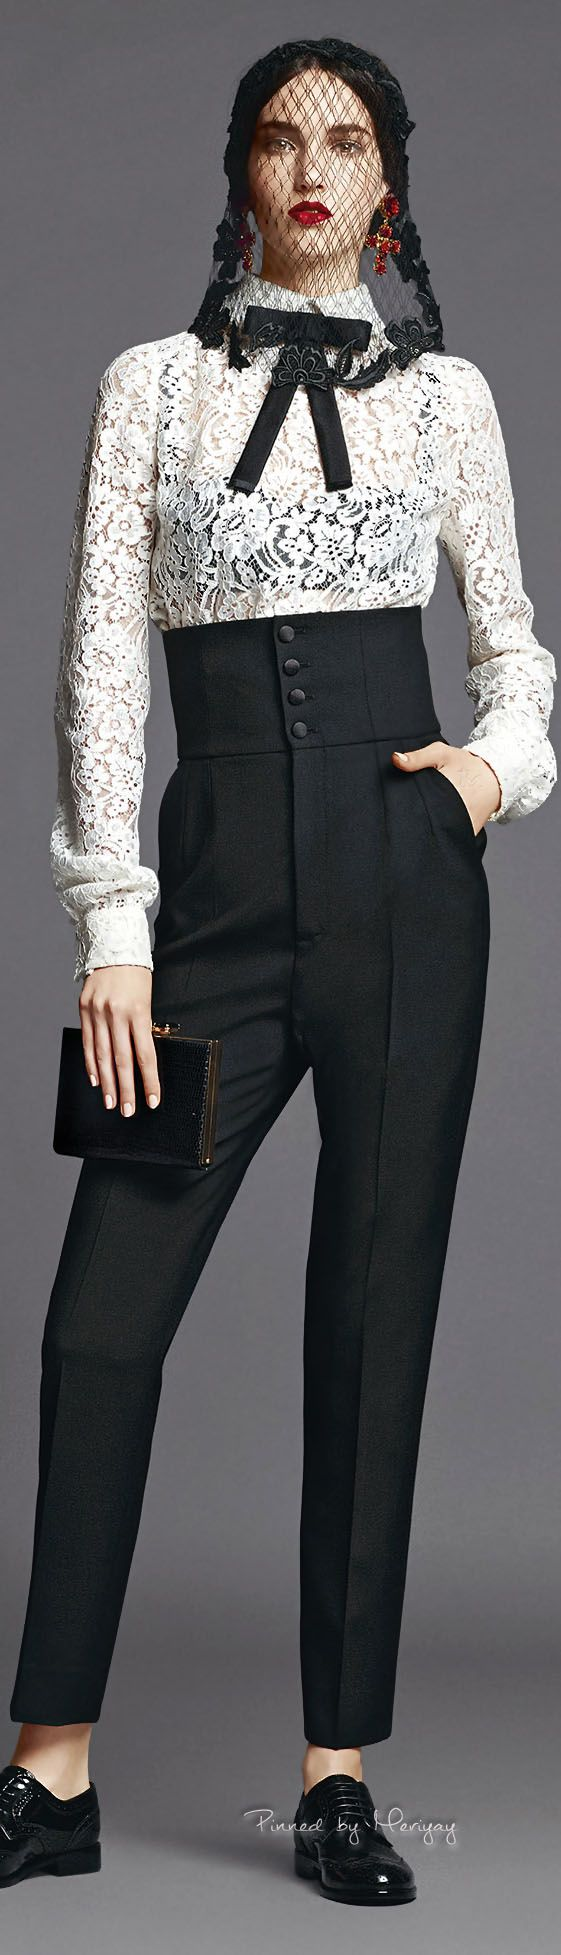 Farb-und Stilberatung mit www.farben-reich.com - ♔Dolce & Gabbana.2015♔